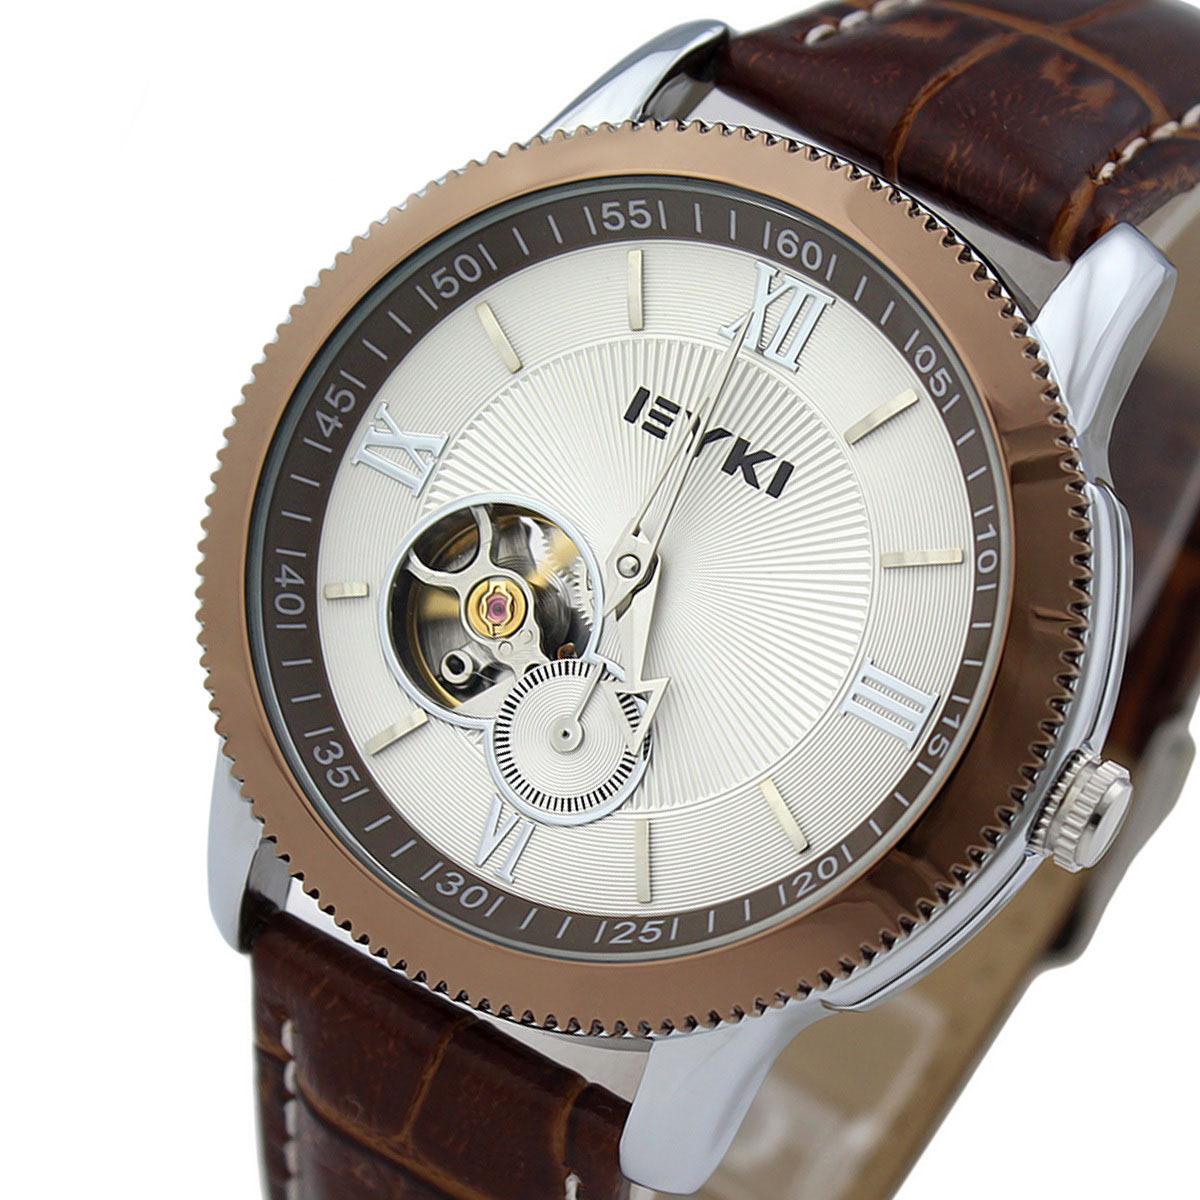 Часы Айки eyki унисекс оригинальные автоматические механические часы бизнес мода часы полые прилив таблицы нержавеющей стали мужские часы